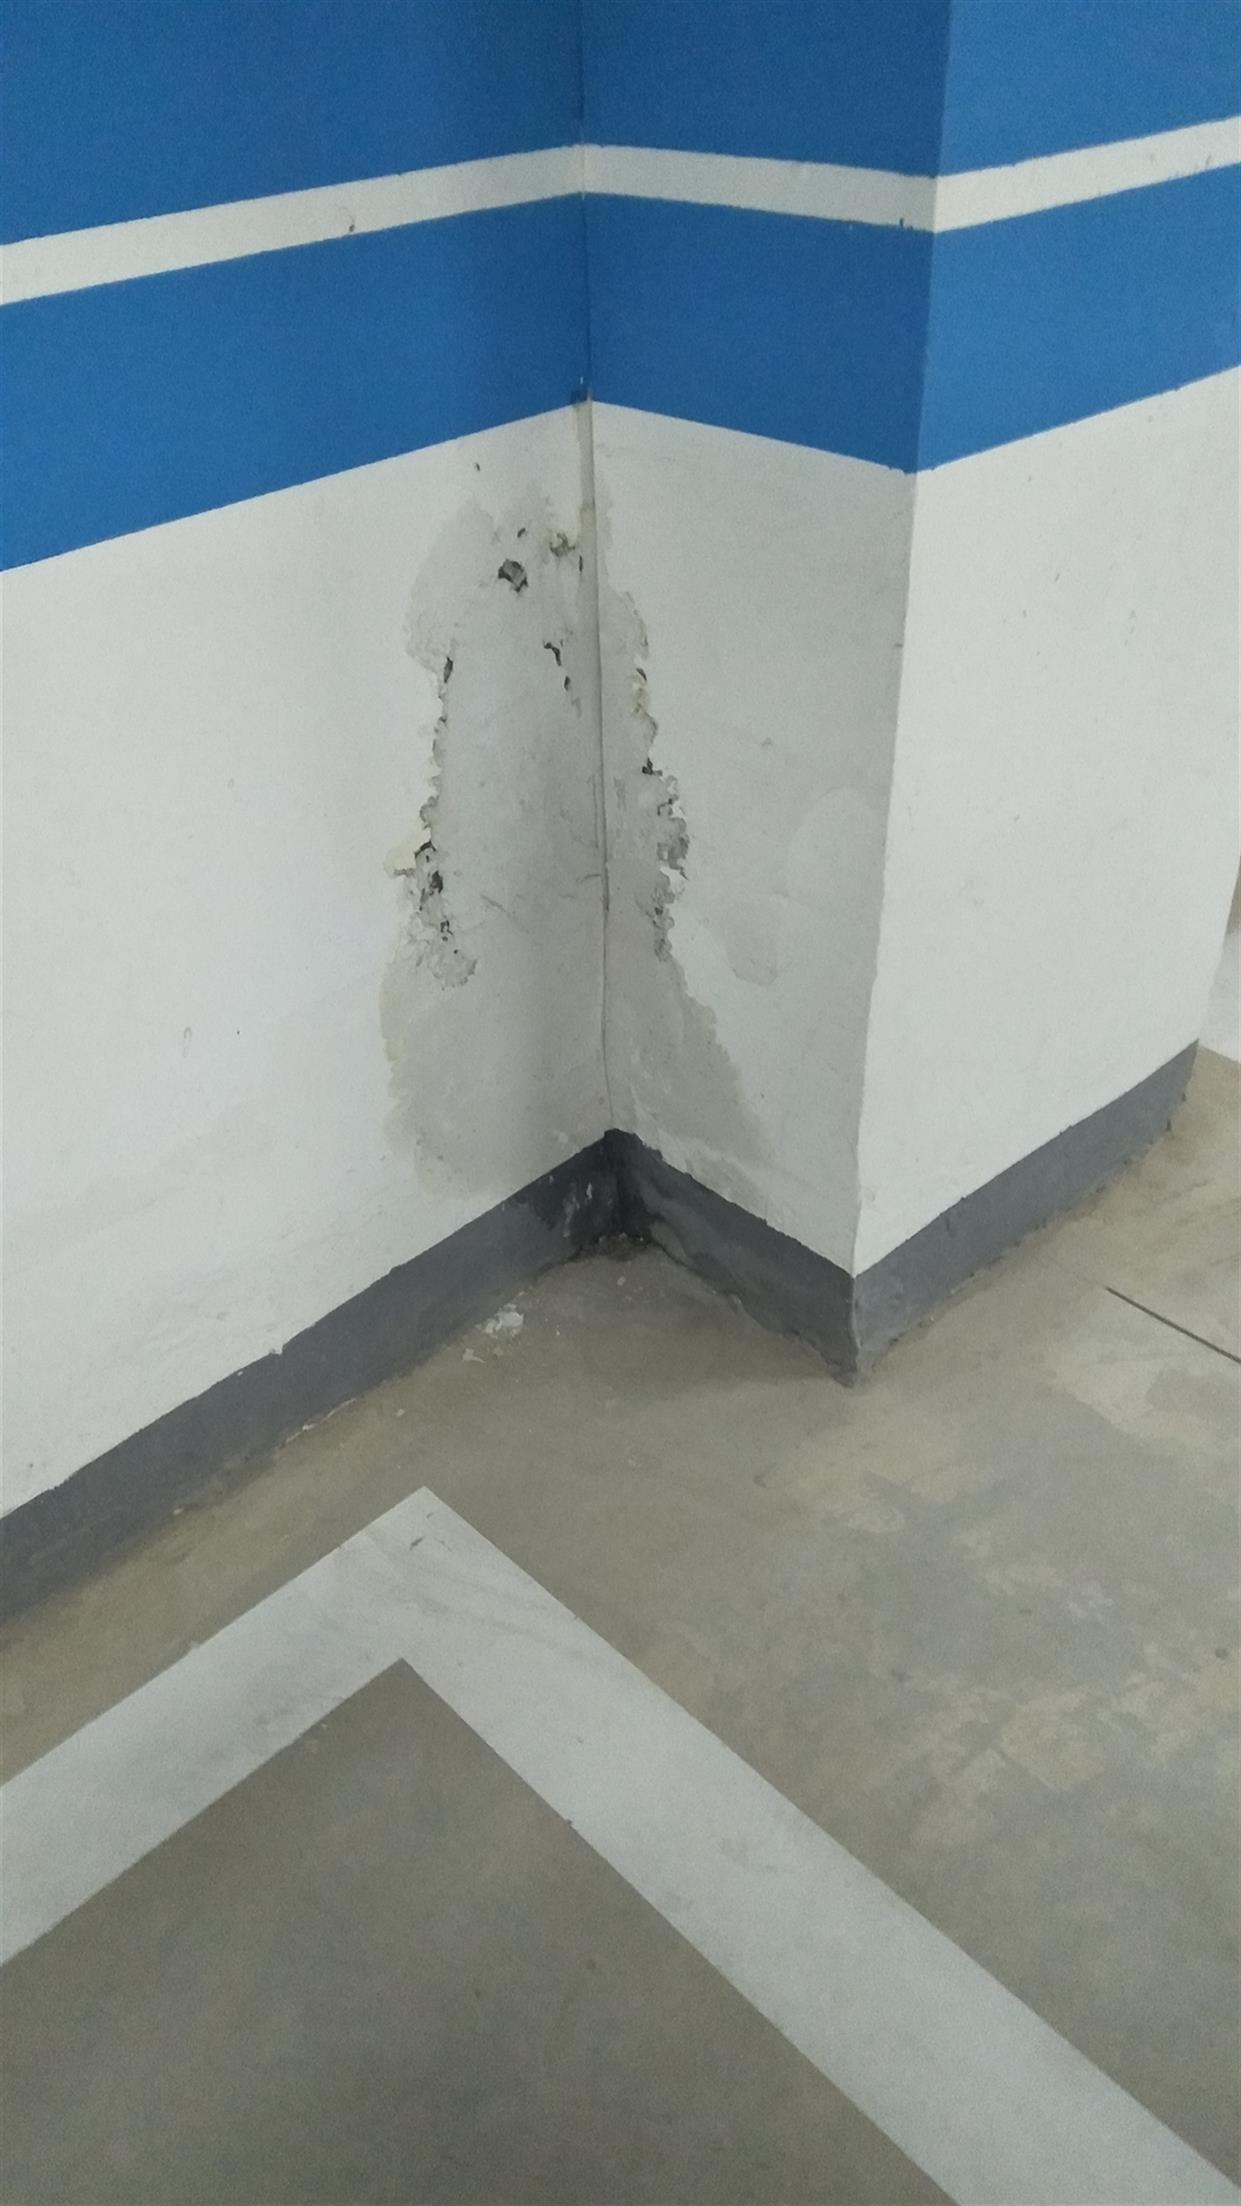 电梯漏水处理费用